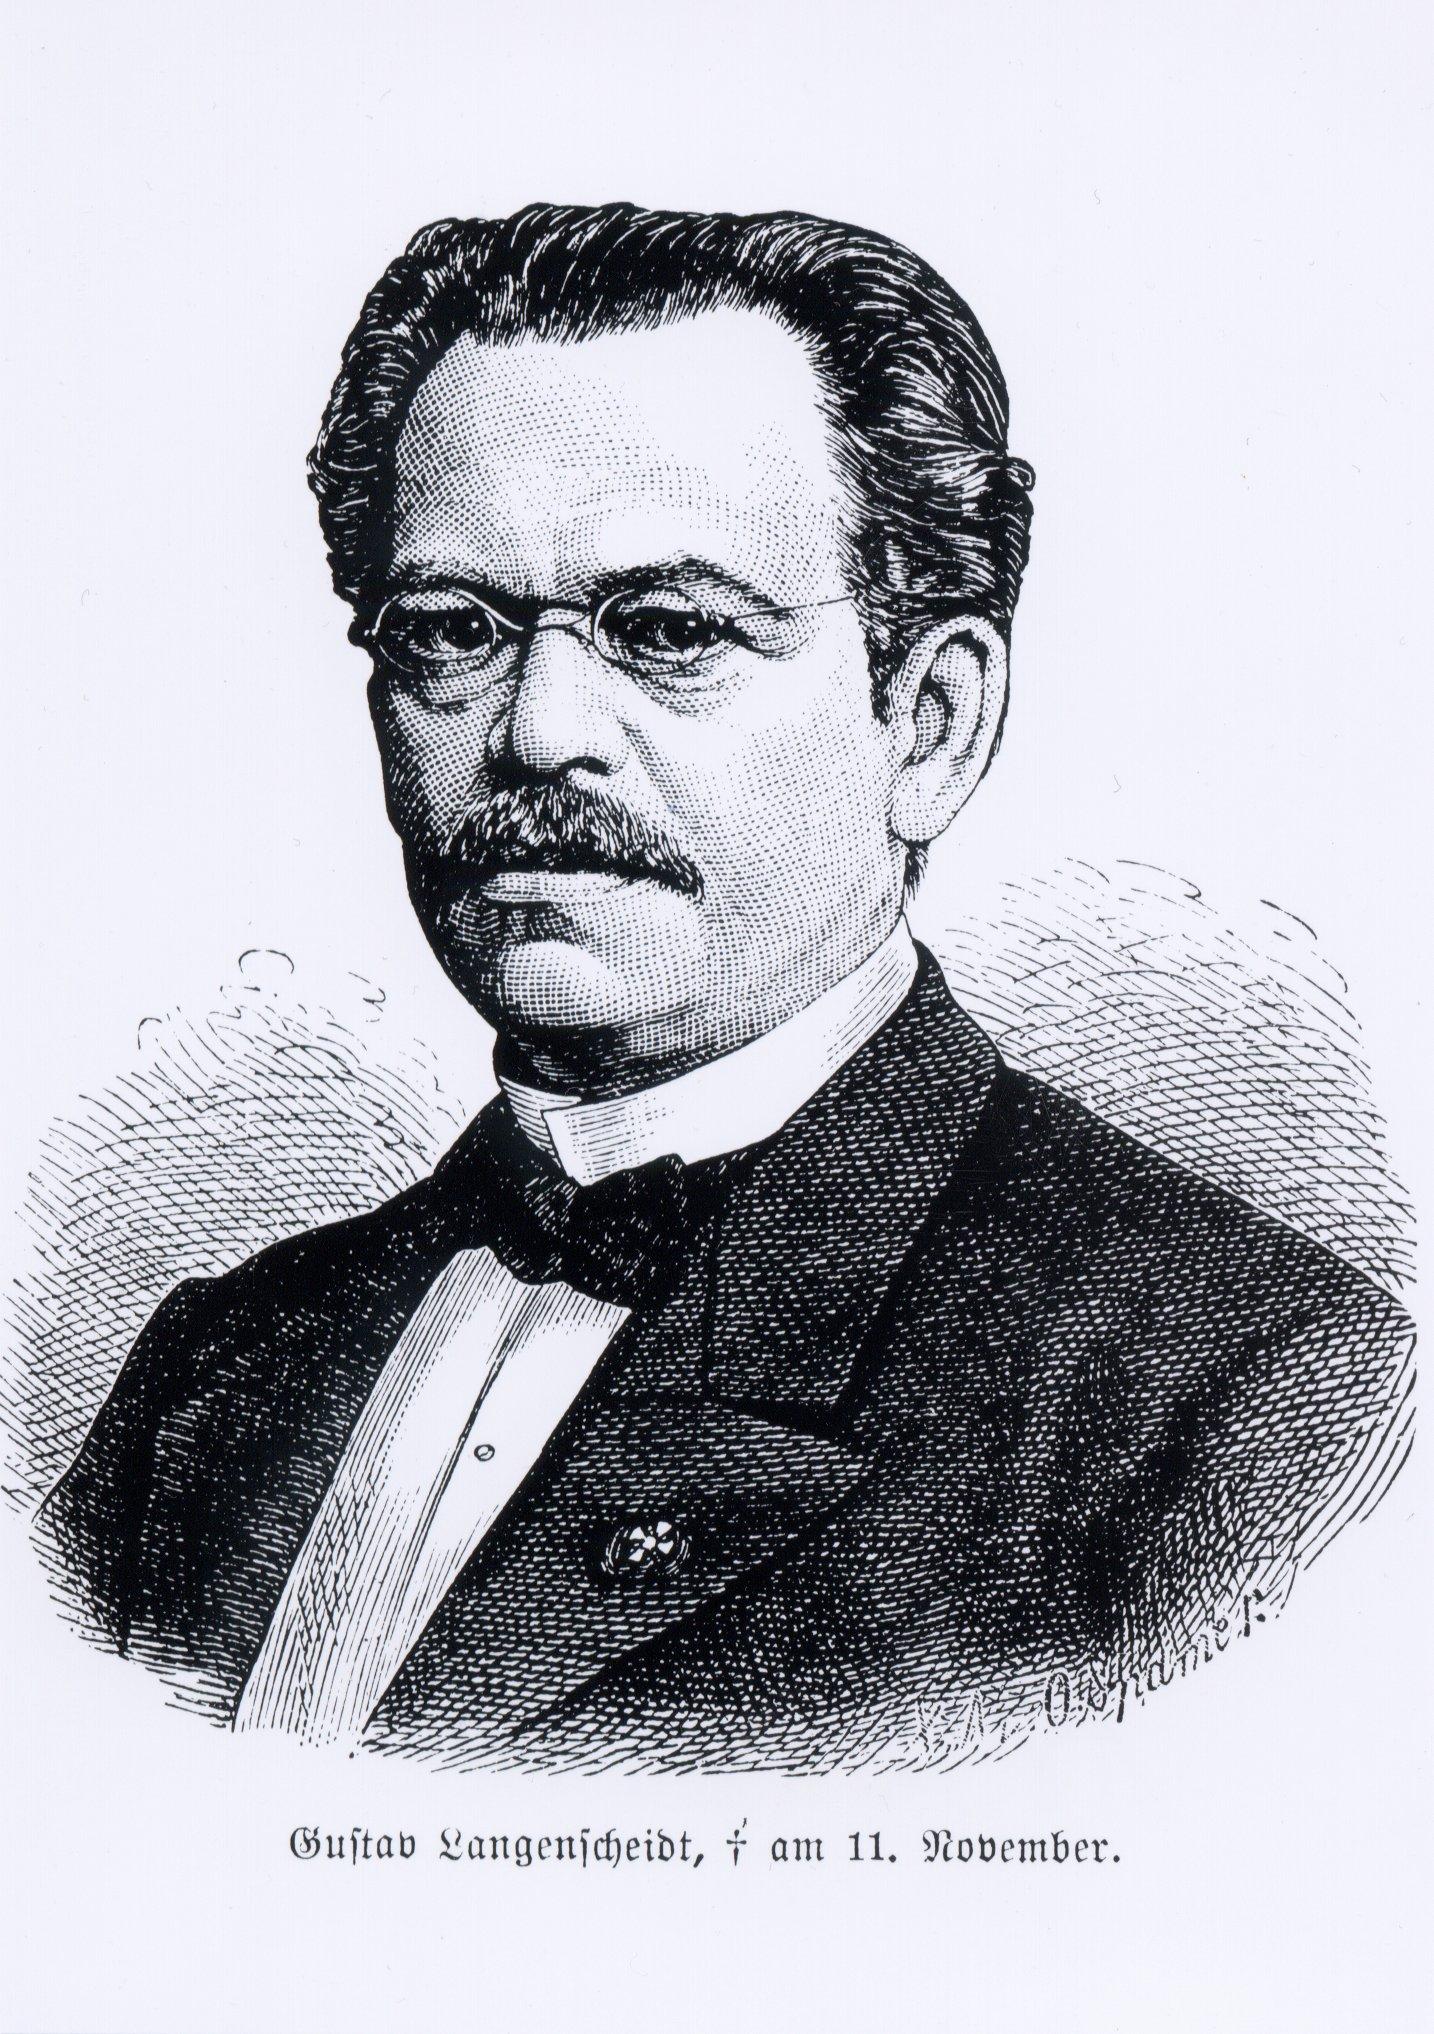 Gustav von Langenscheidt